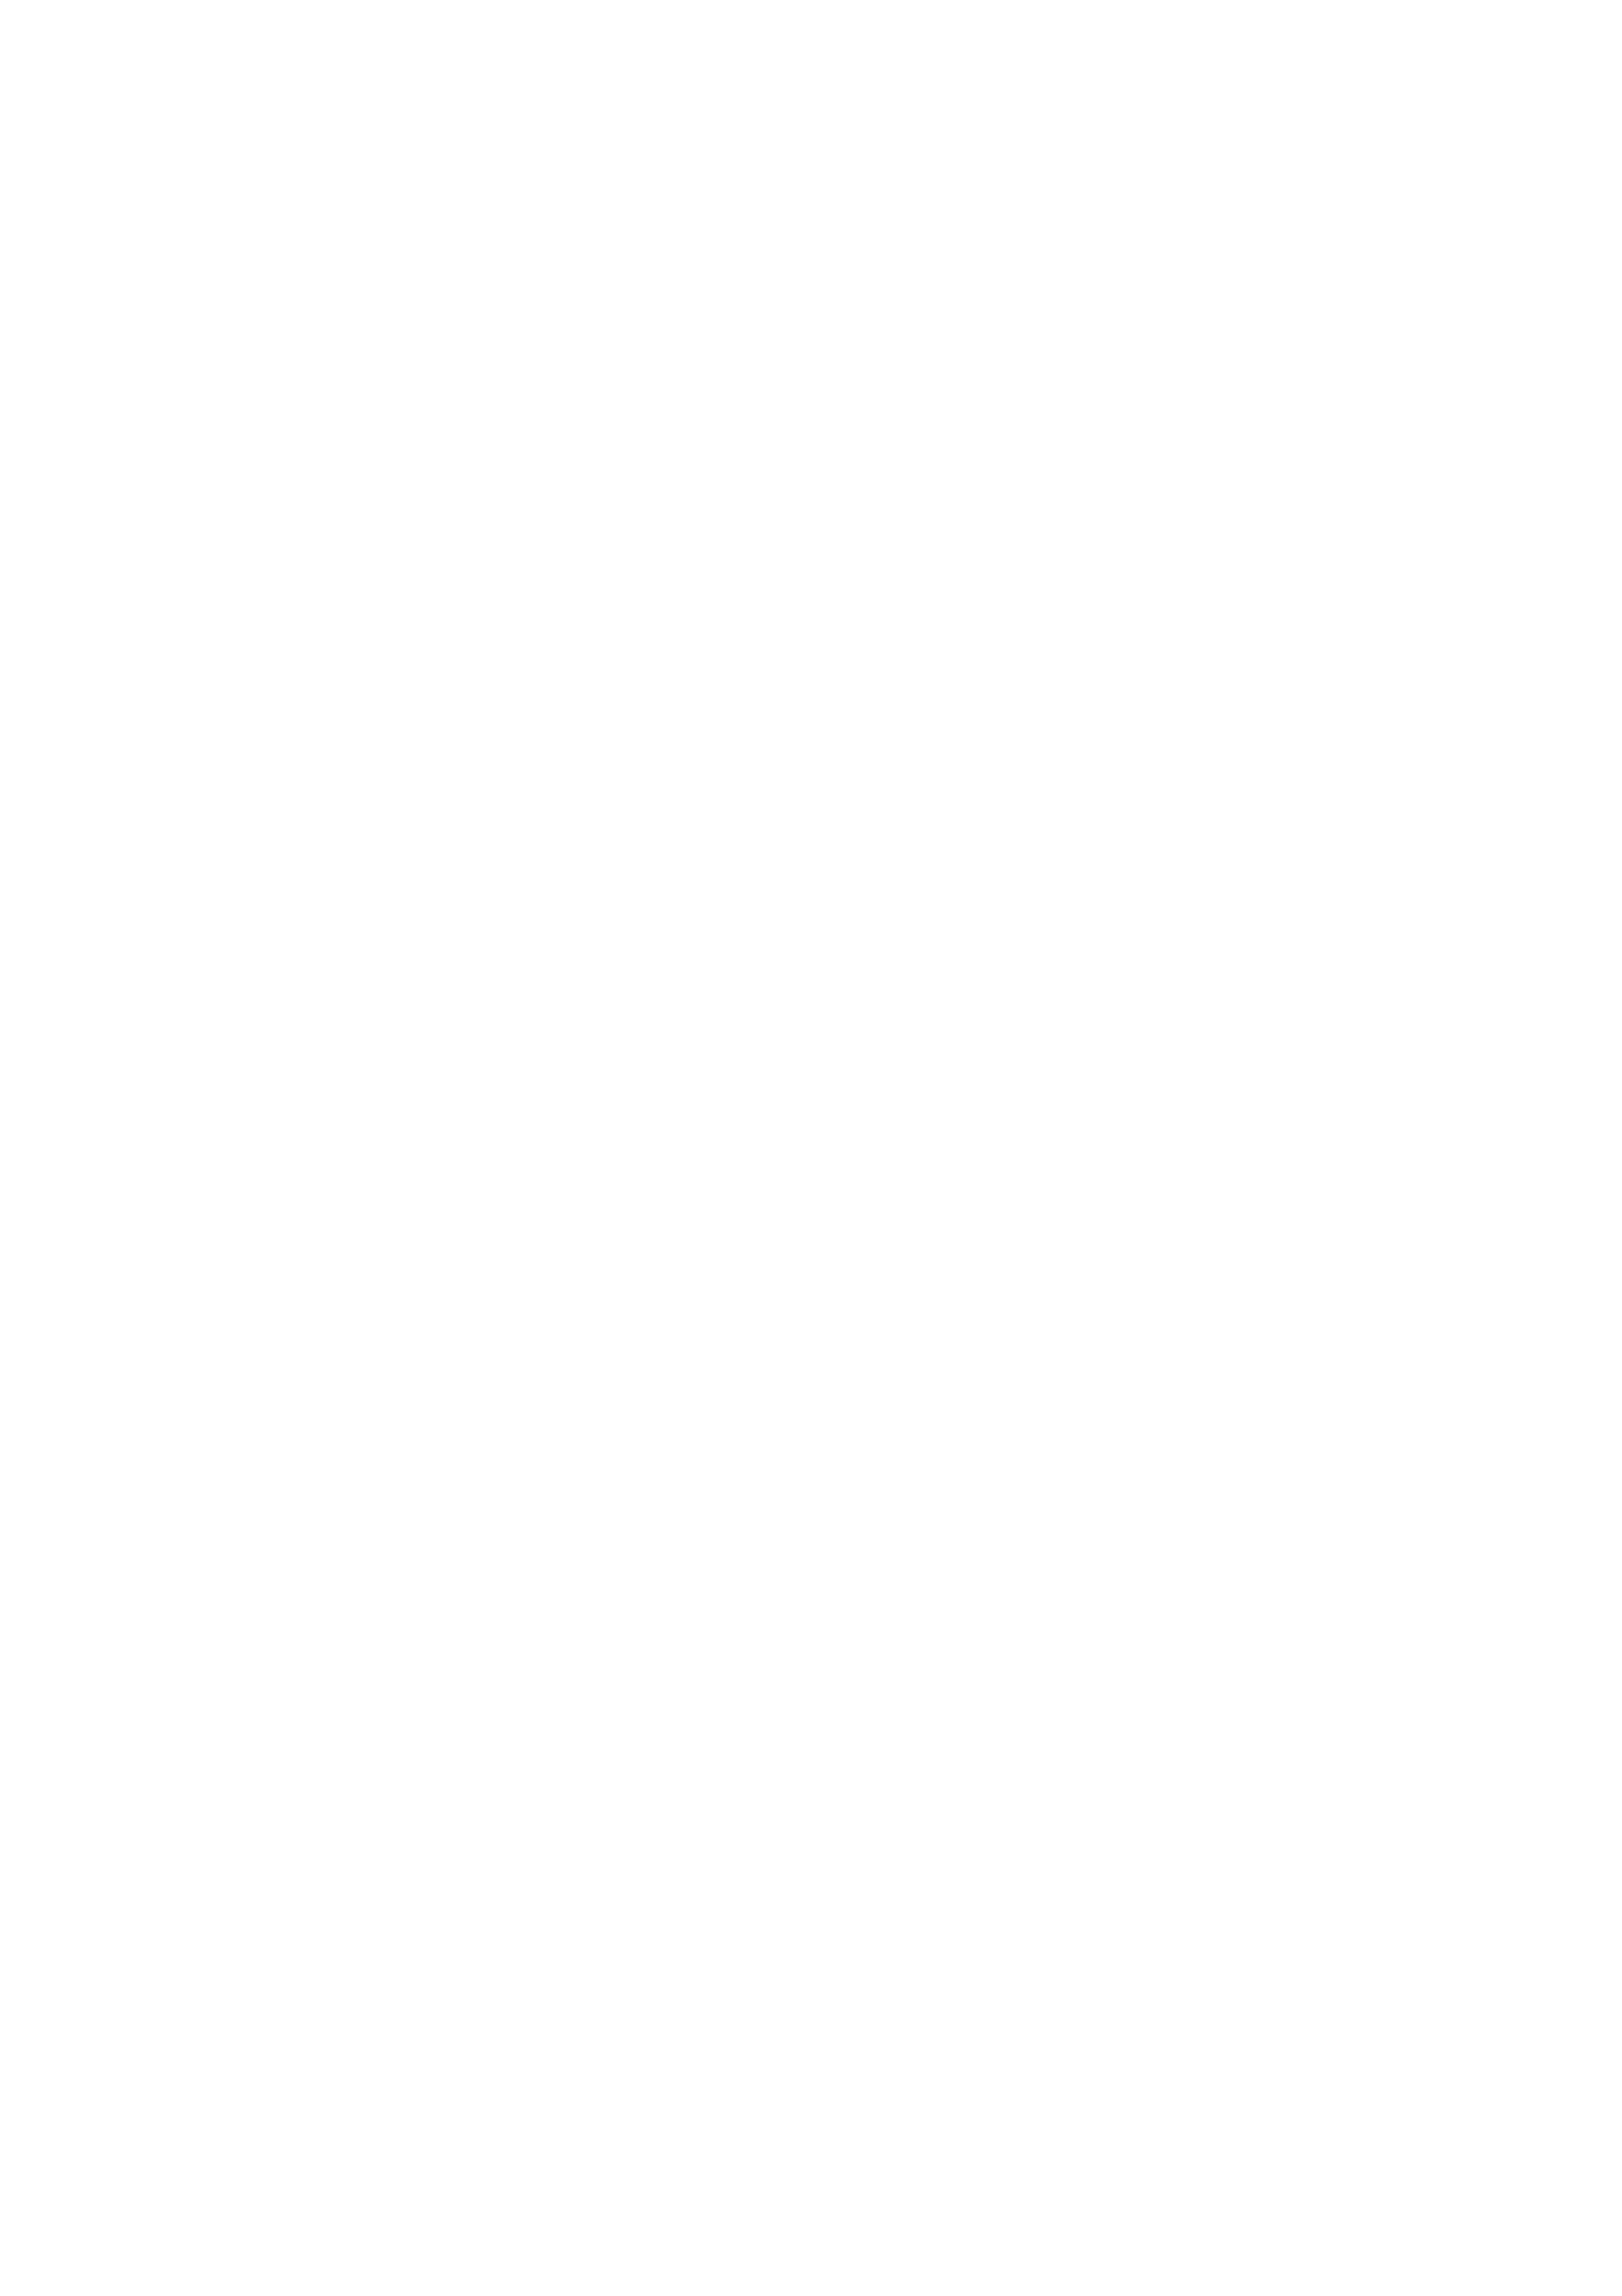 「SugarCups ビスケティーナ~Star Sprinkles~ (アゾンダイレクトストア限定販売)」 「SugarCups ビスケティーナ~Star Sprinkles~レーベルショップ秋葉原オープン7周年記念モデル (アゾンダイレクトストア限定販売)」 二次生産分